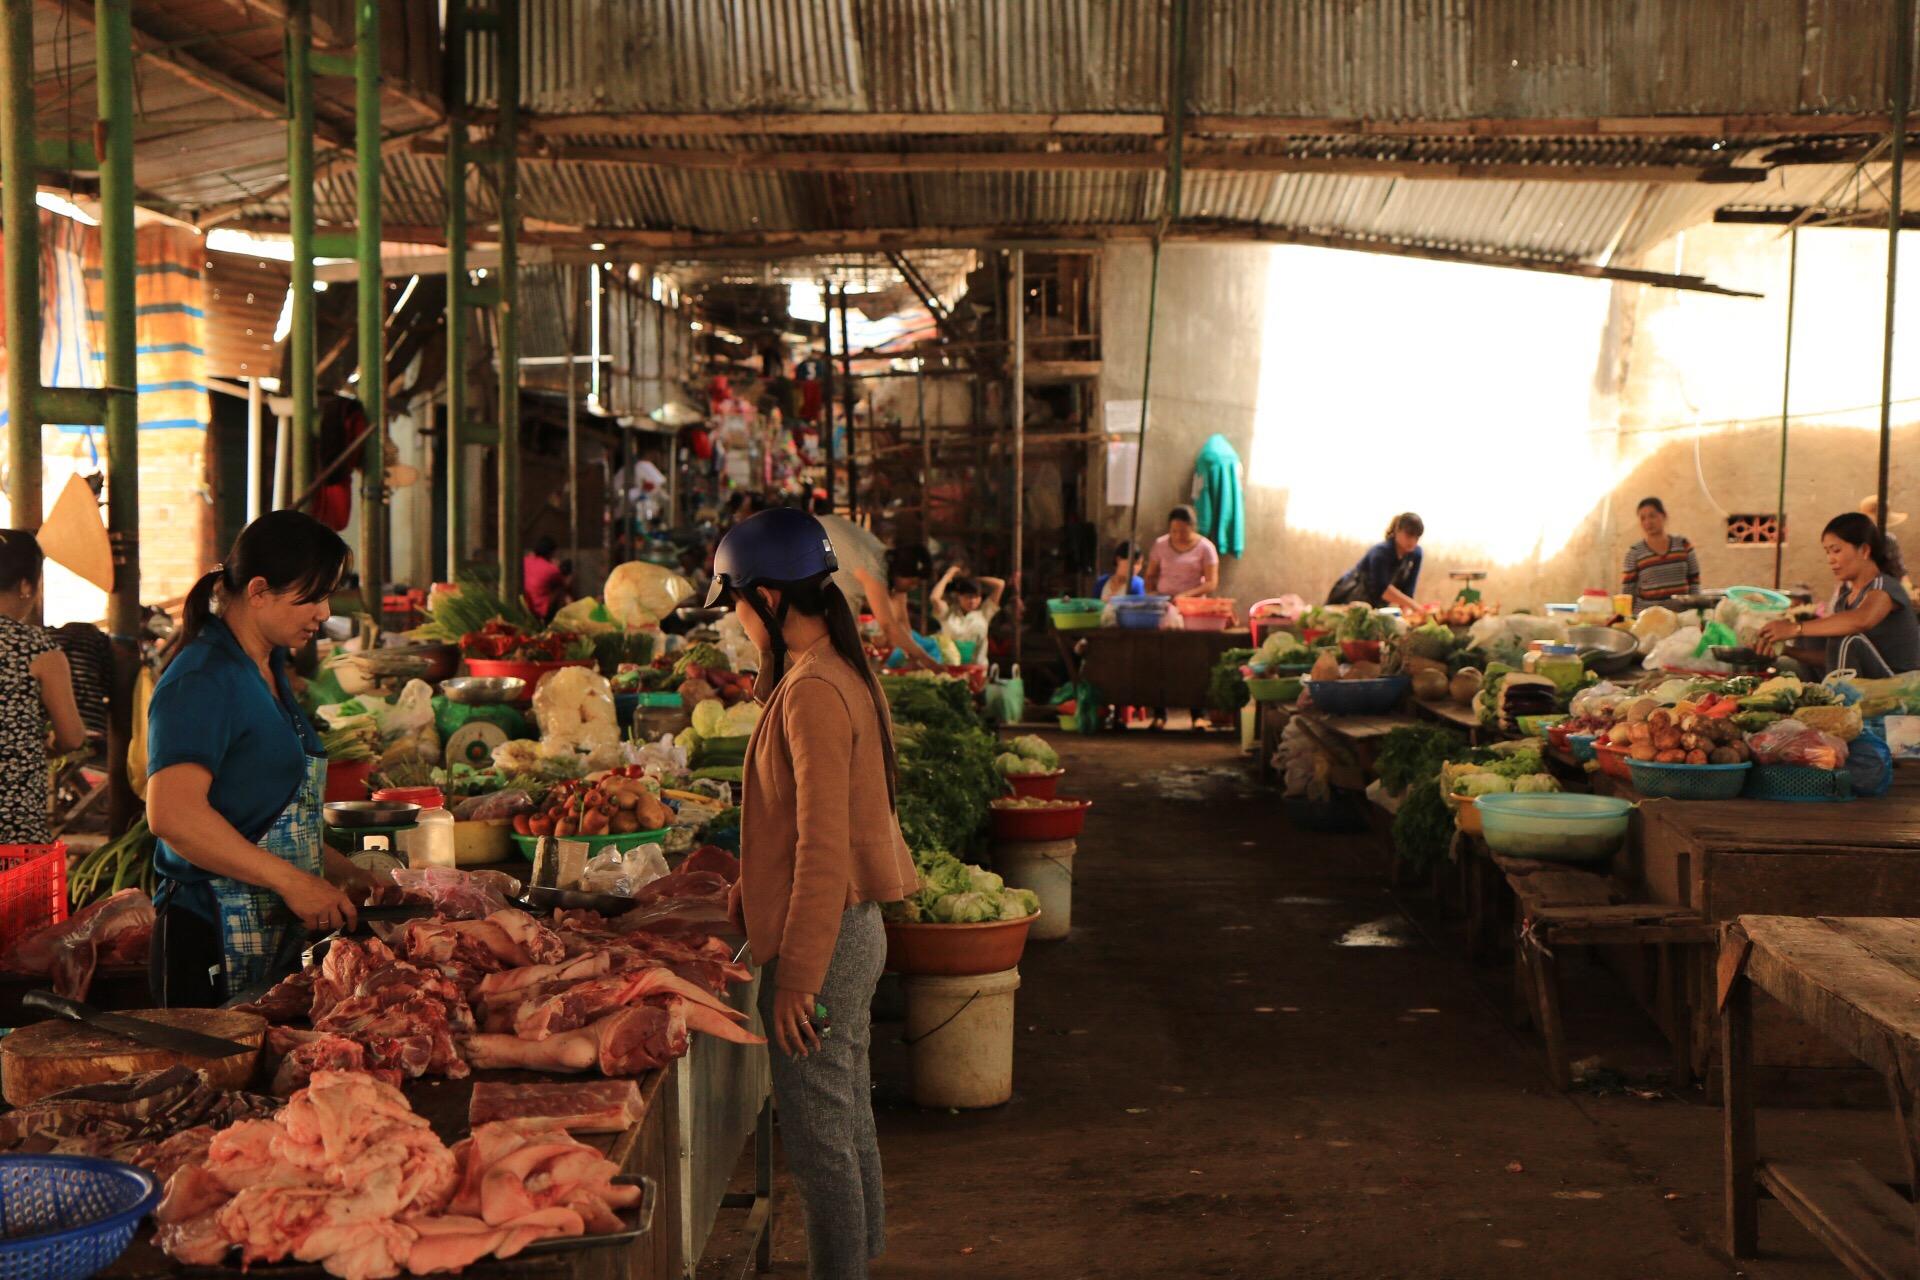 Der Markt für ist der Ort tägliche Besorgungen. Klassische Supermärkte gibt es kaum.